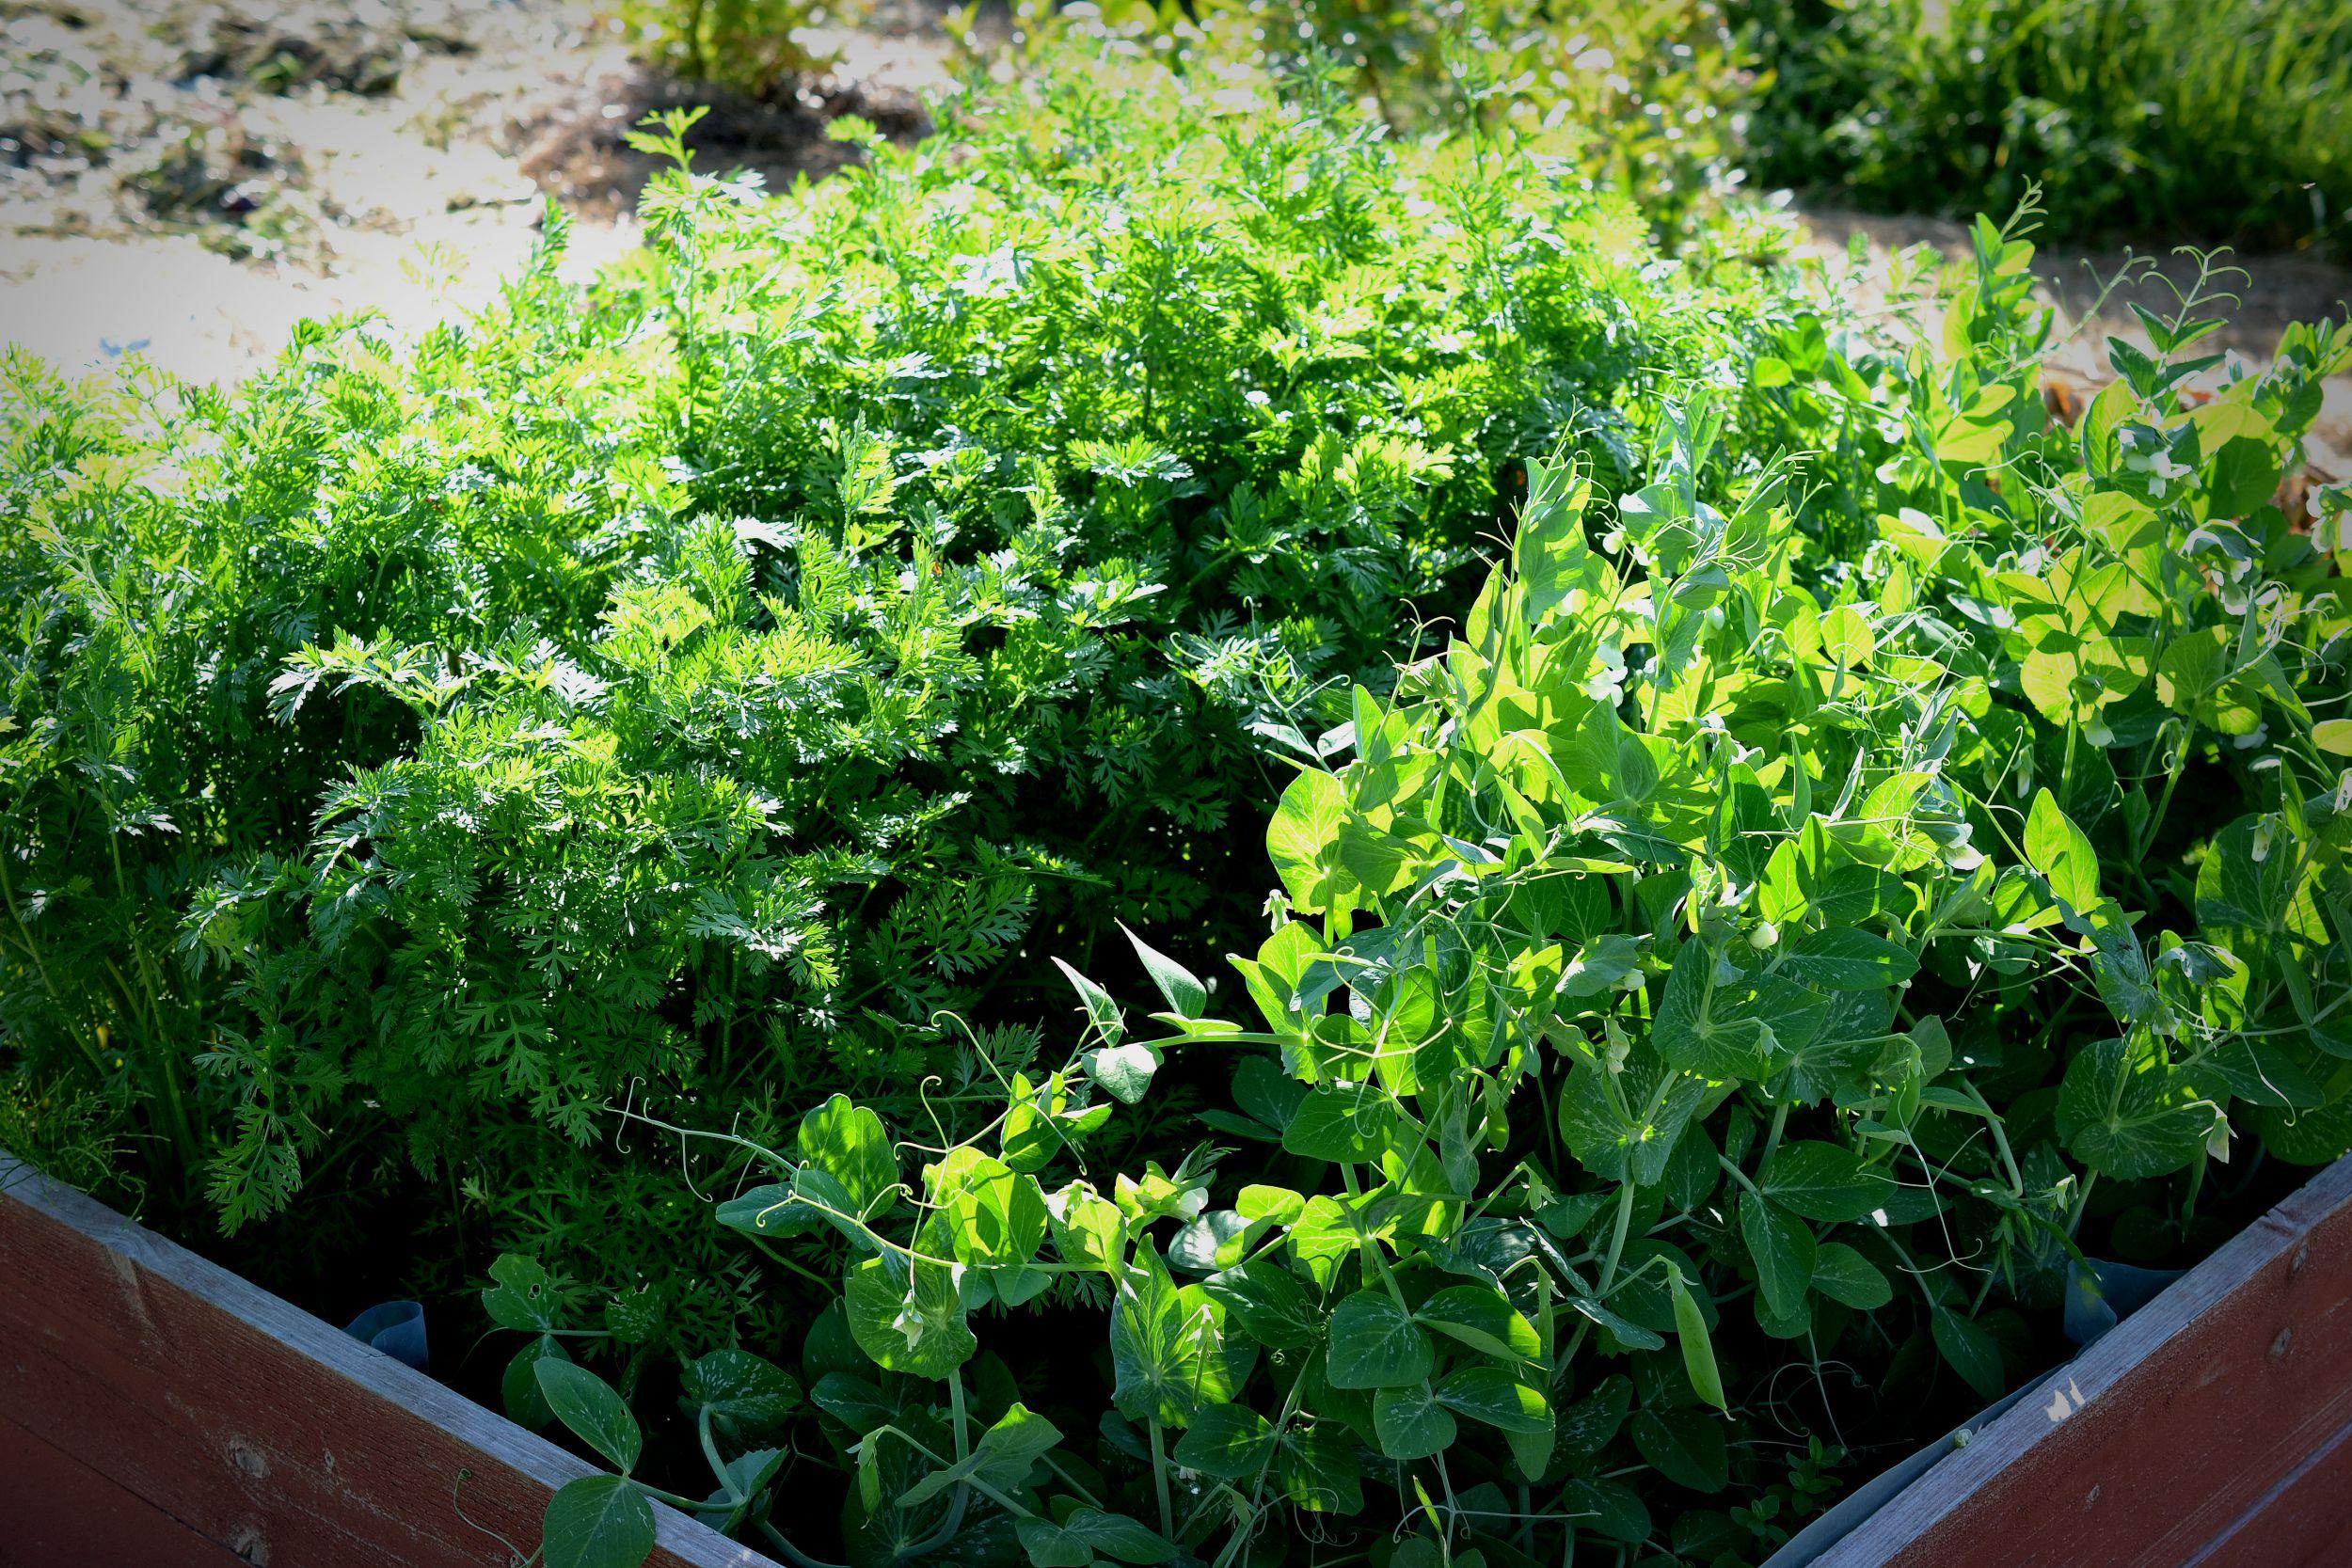 En välfylld kompostlåda där morot och ärter växer friskt.